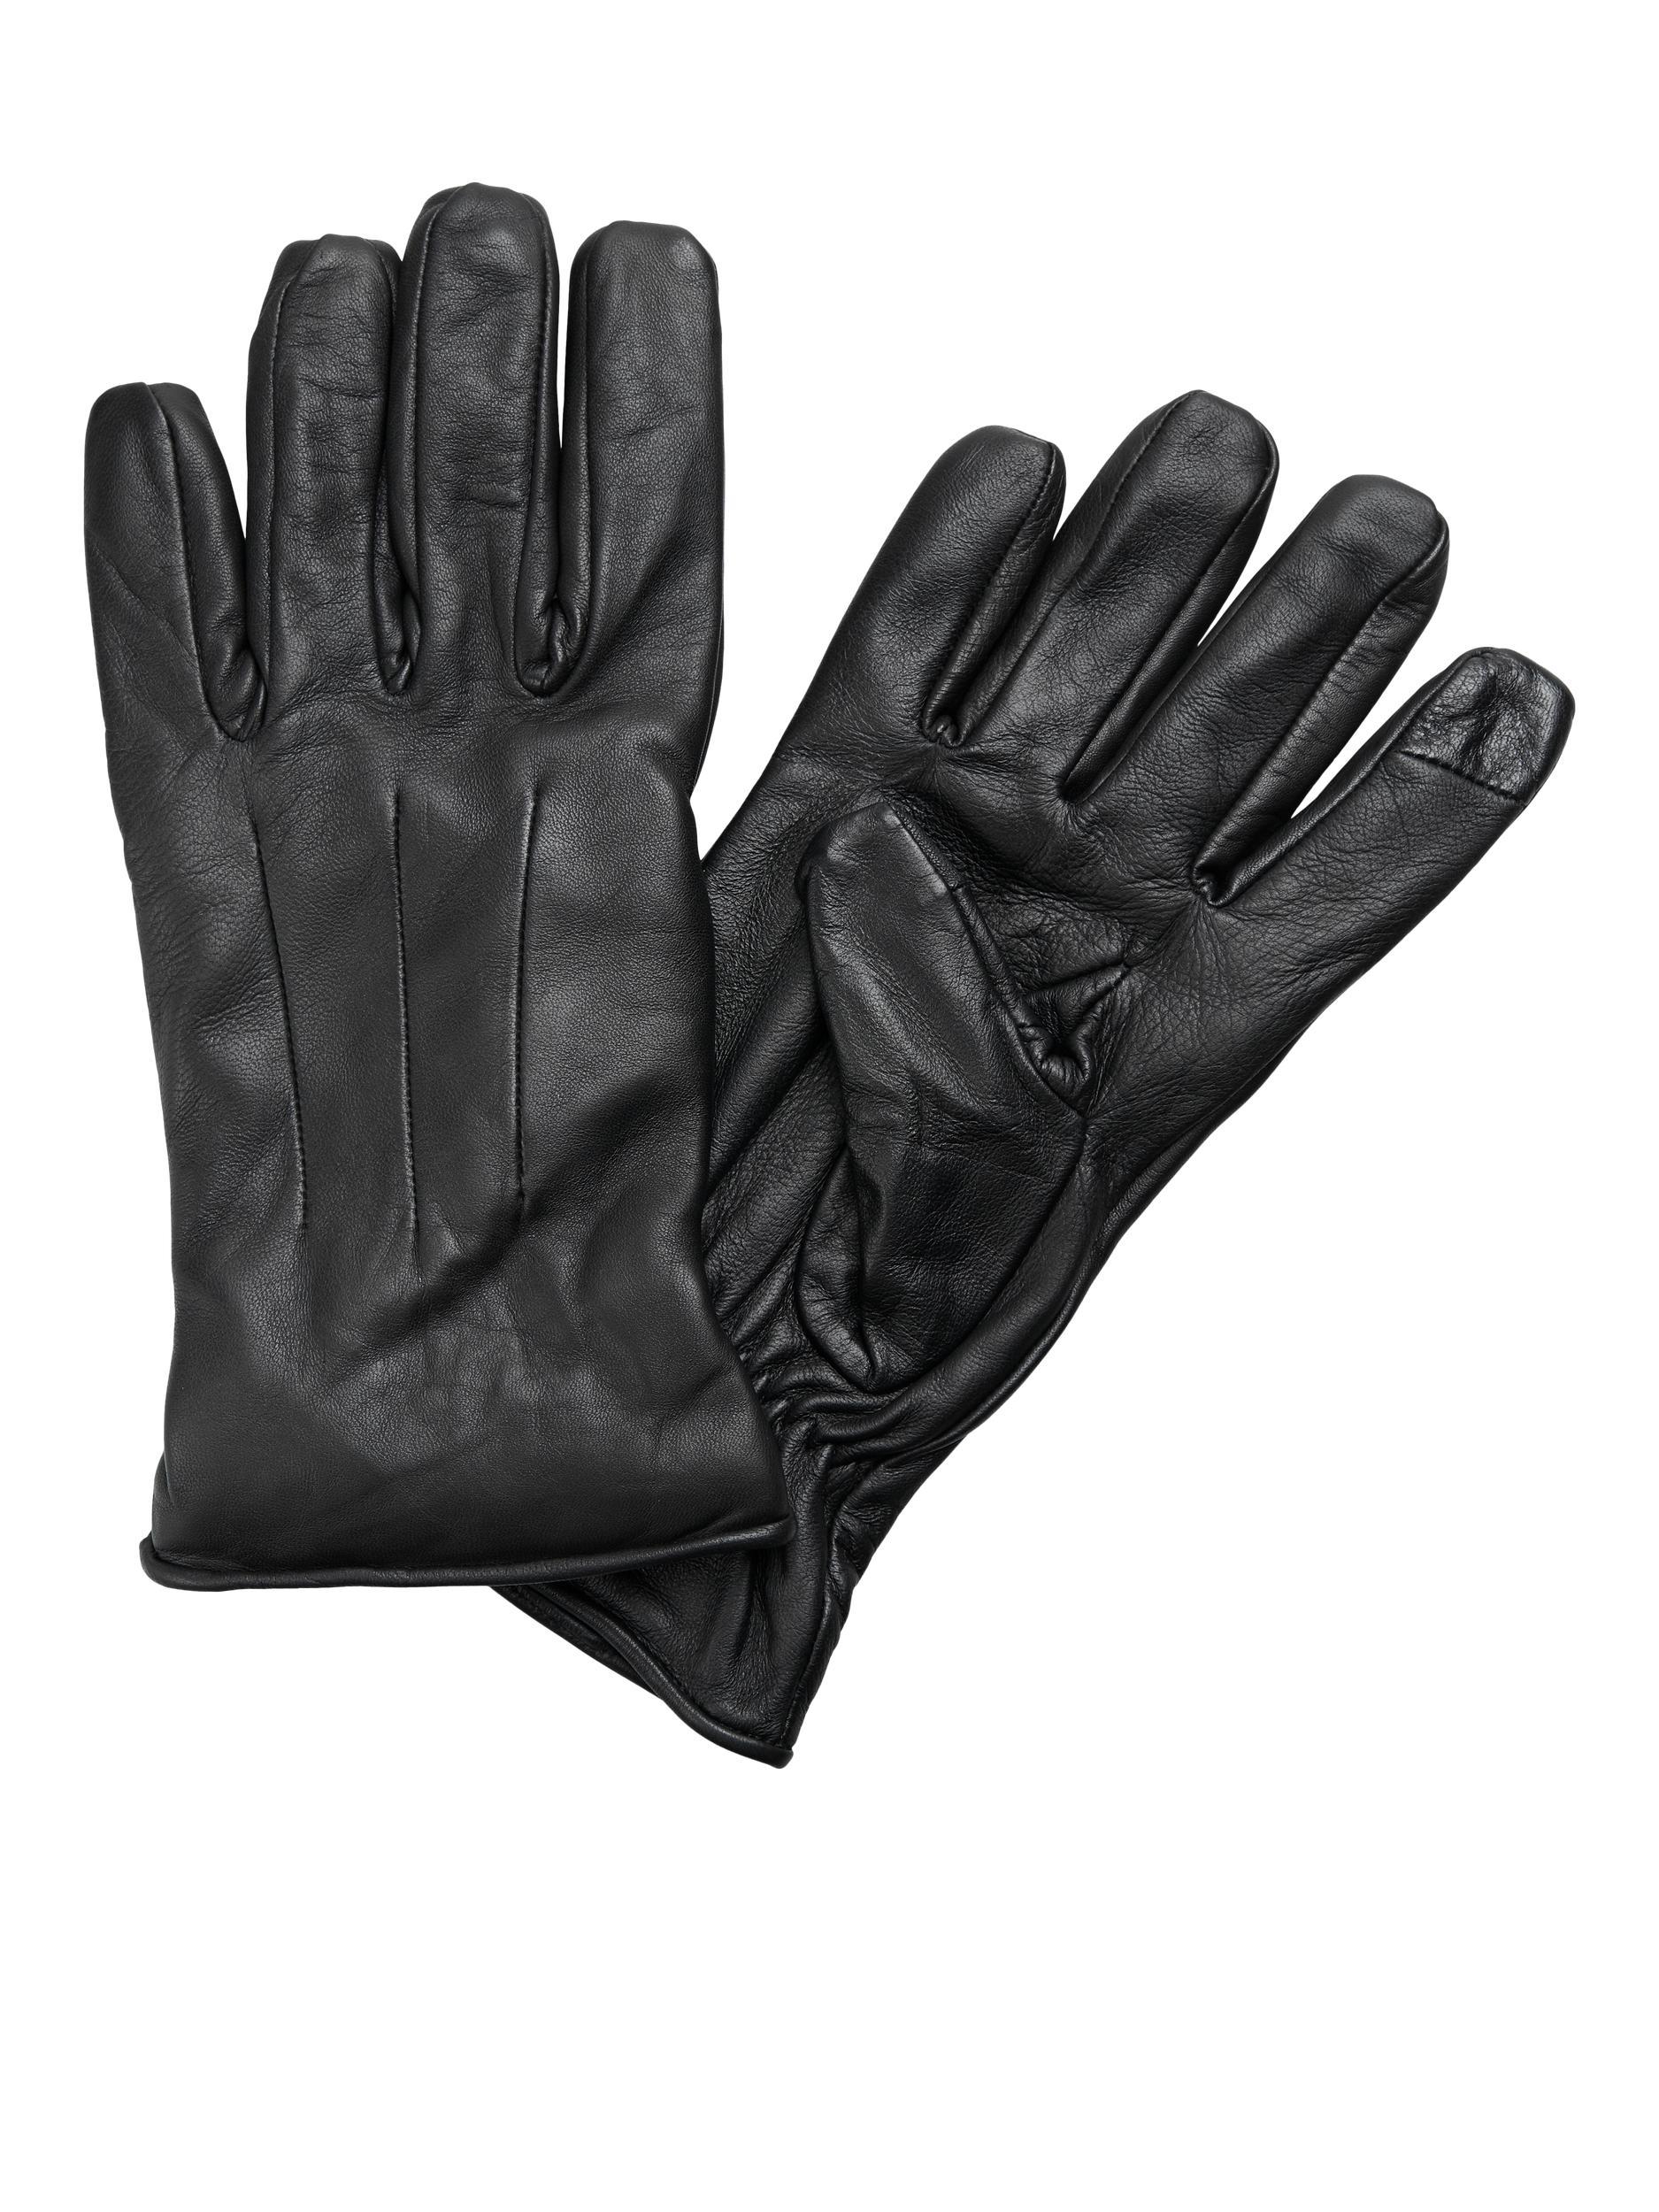 Jack & Jones Montana Leather handsker